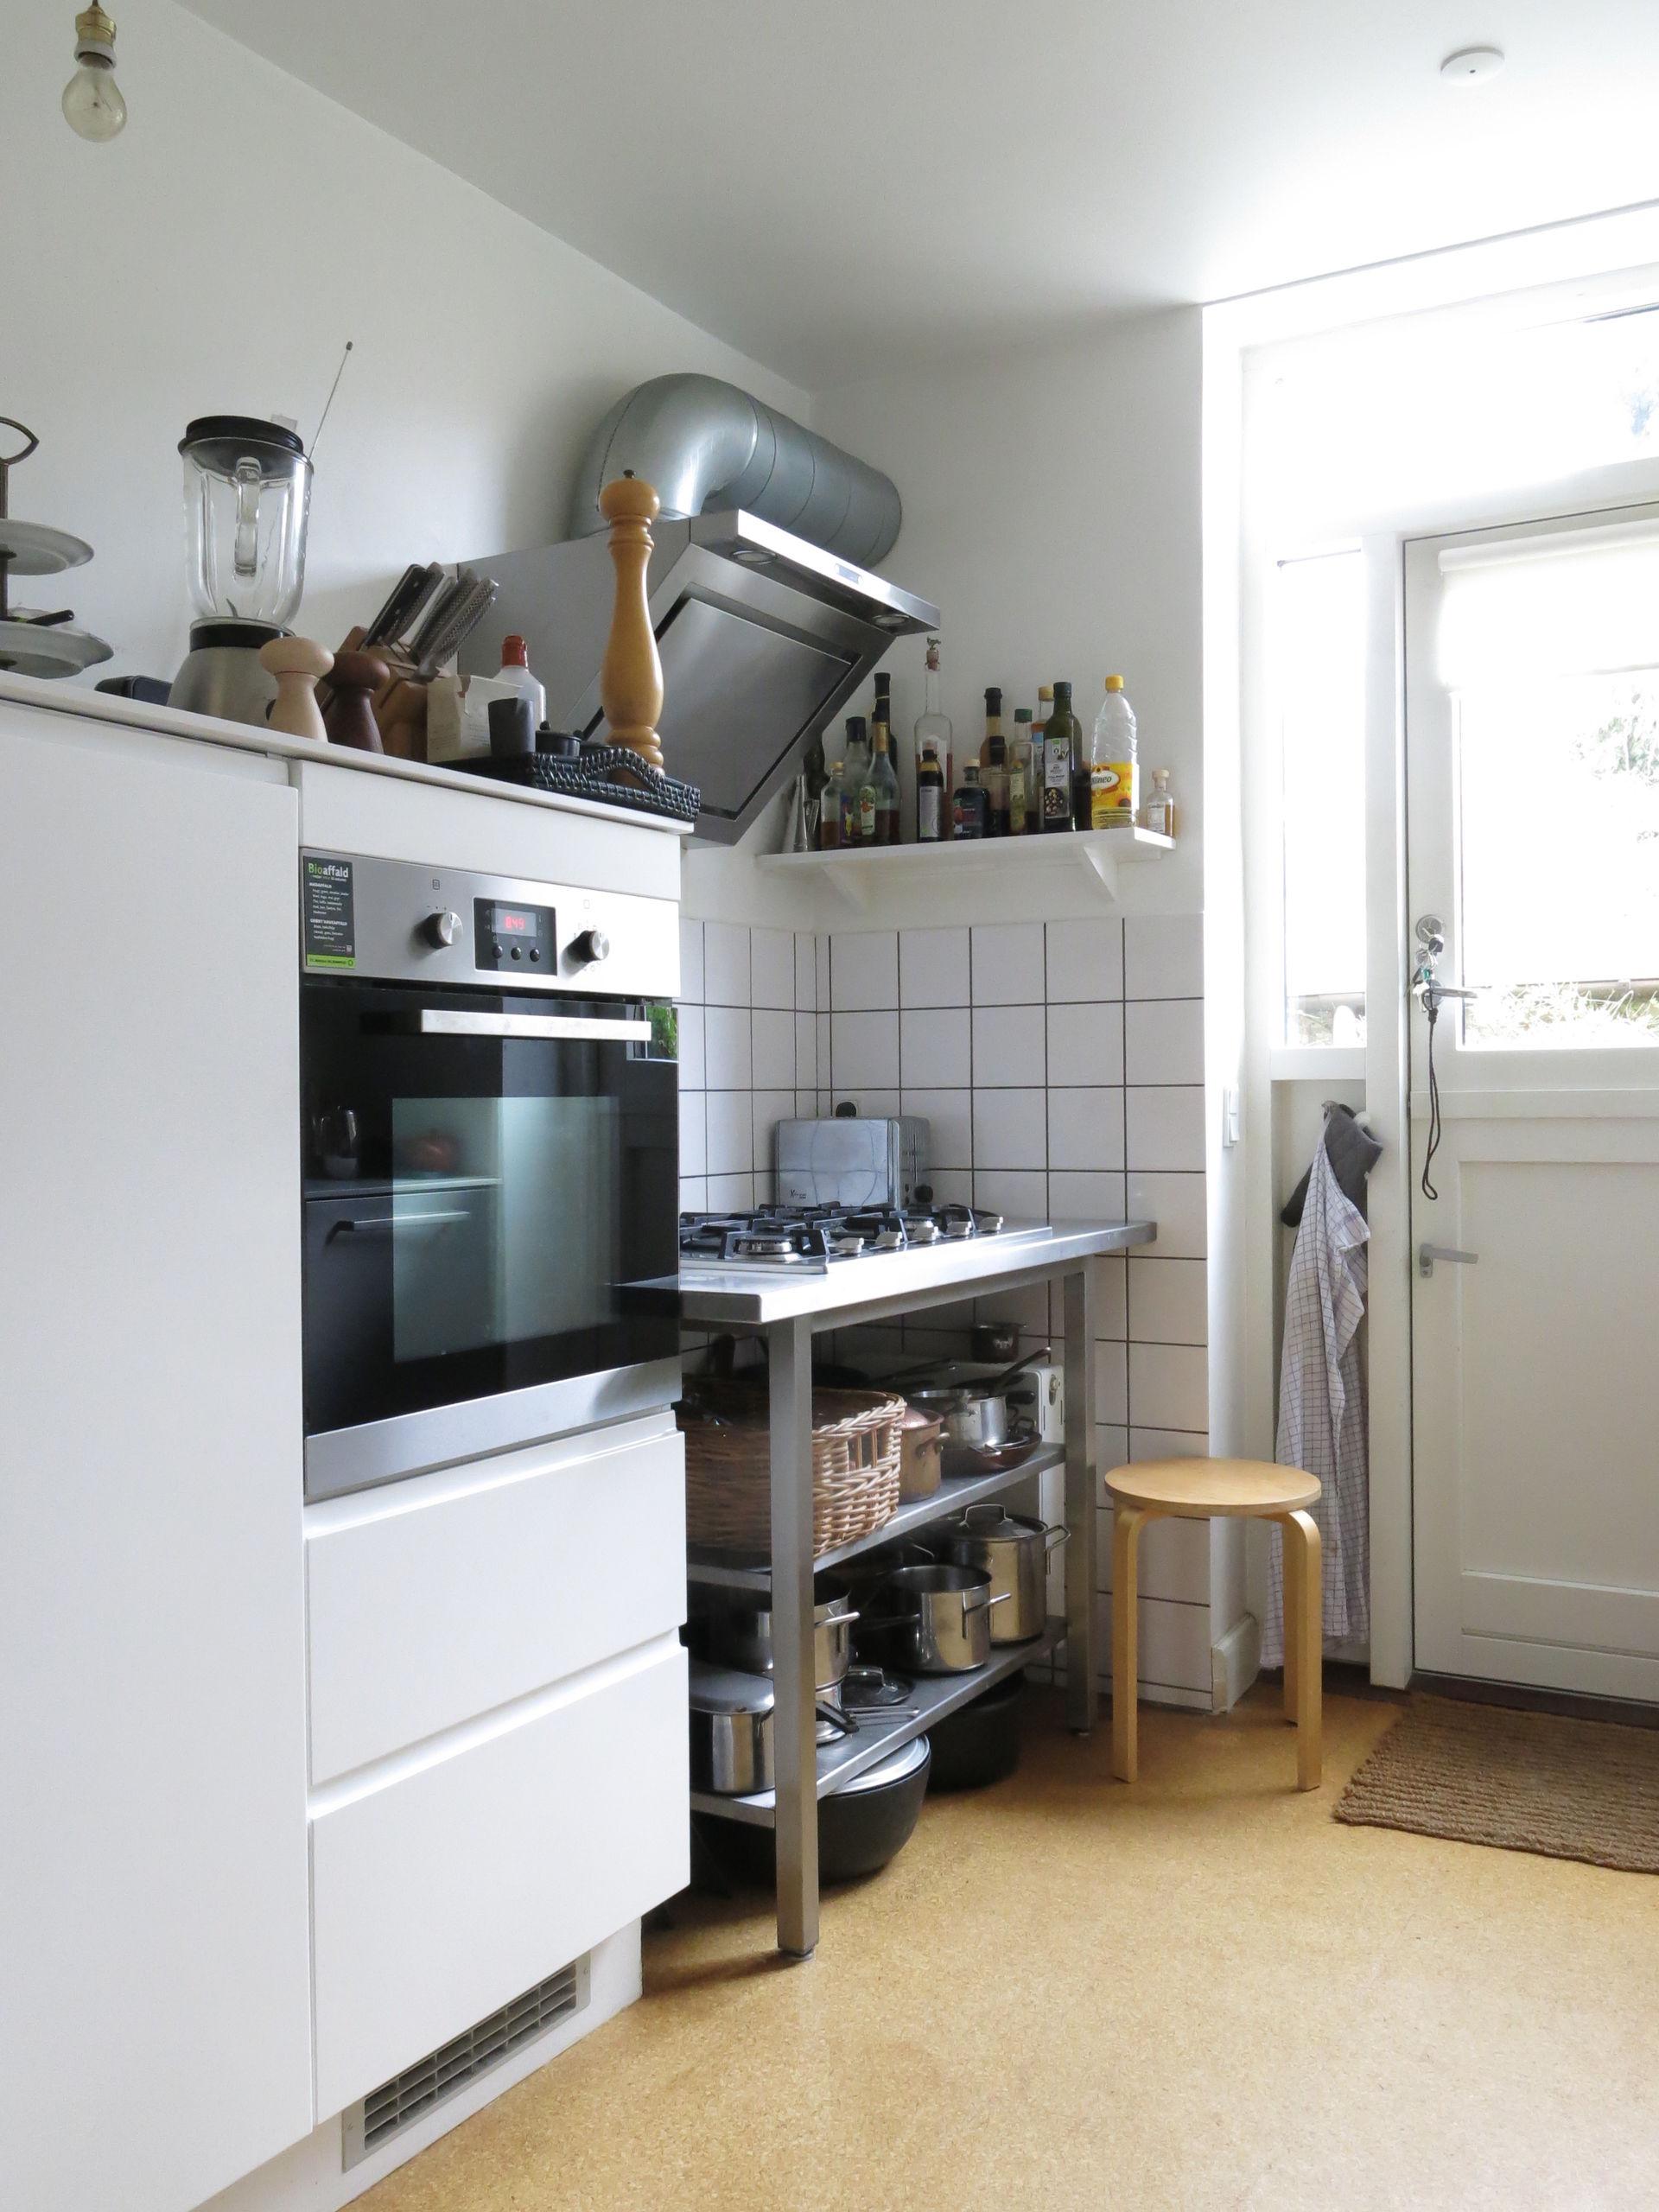 Kopenhagen Wohnung c n petersensvej wohnung in kopenhagen